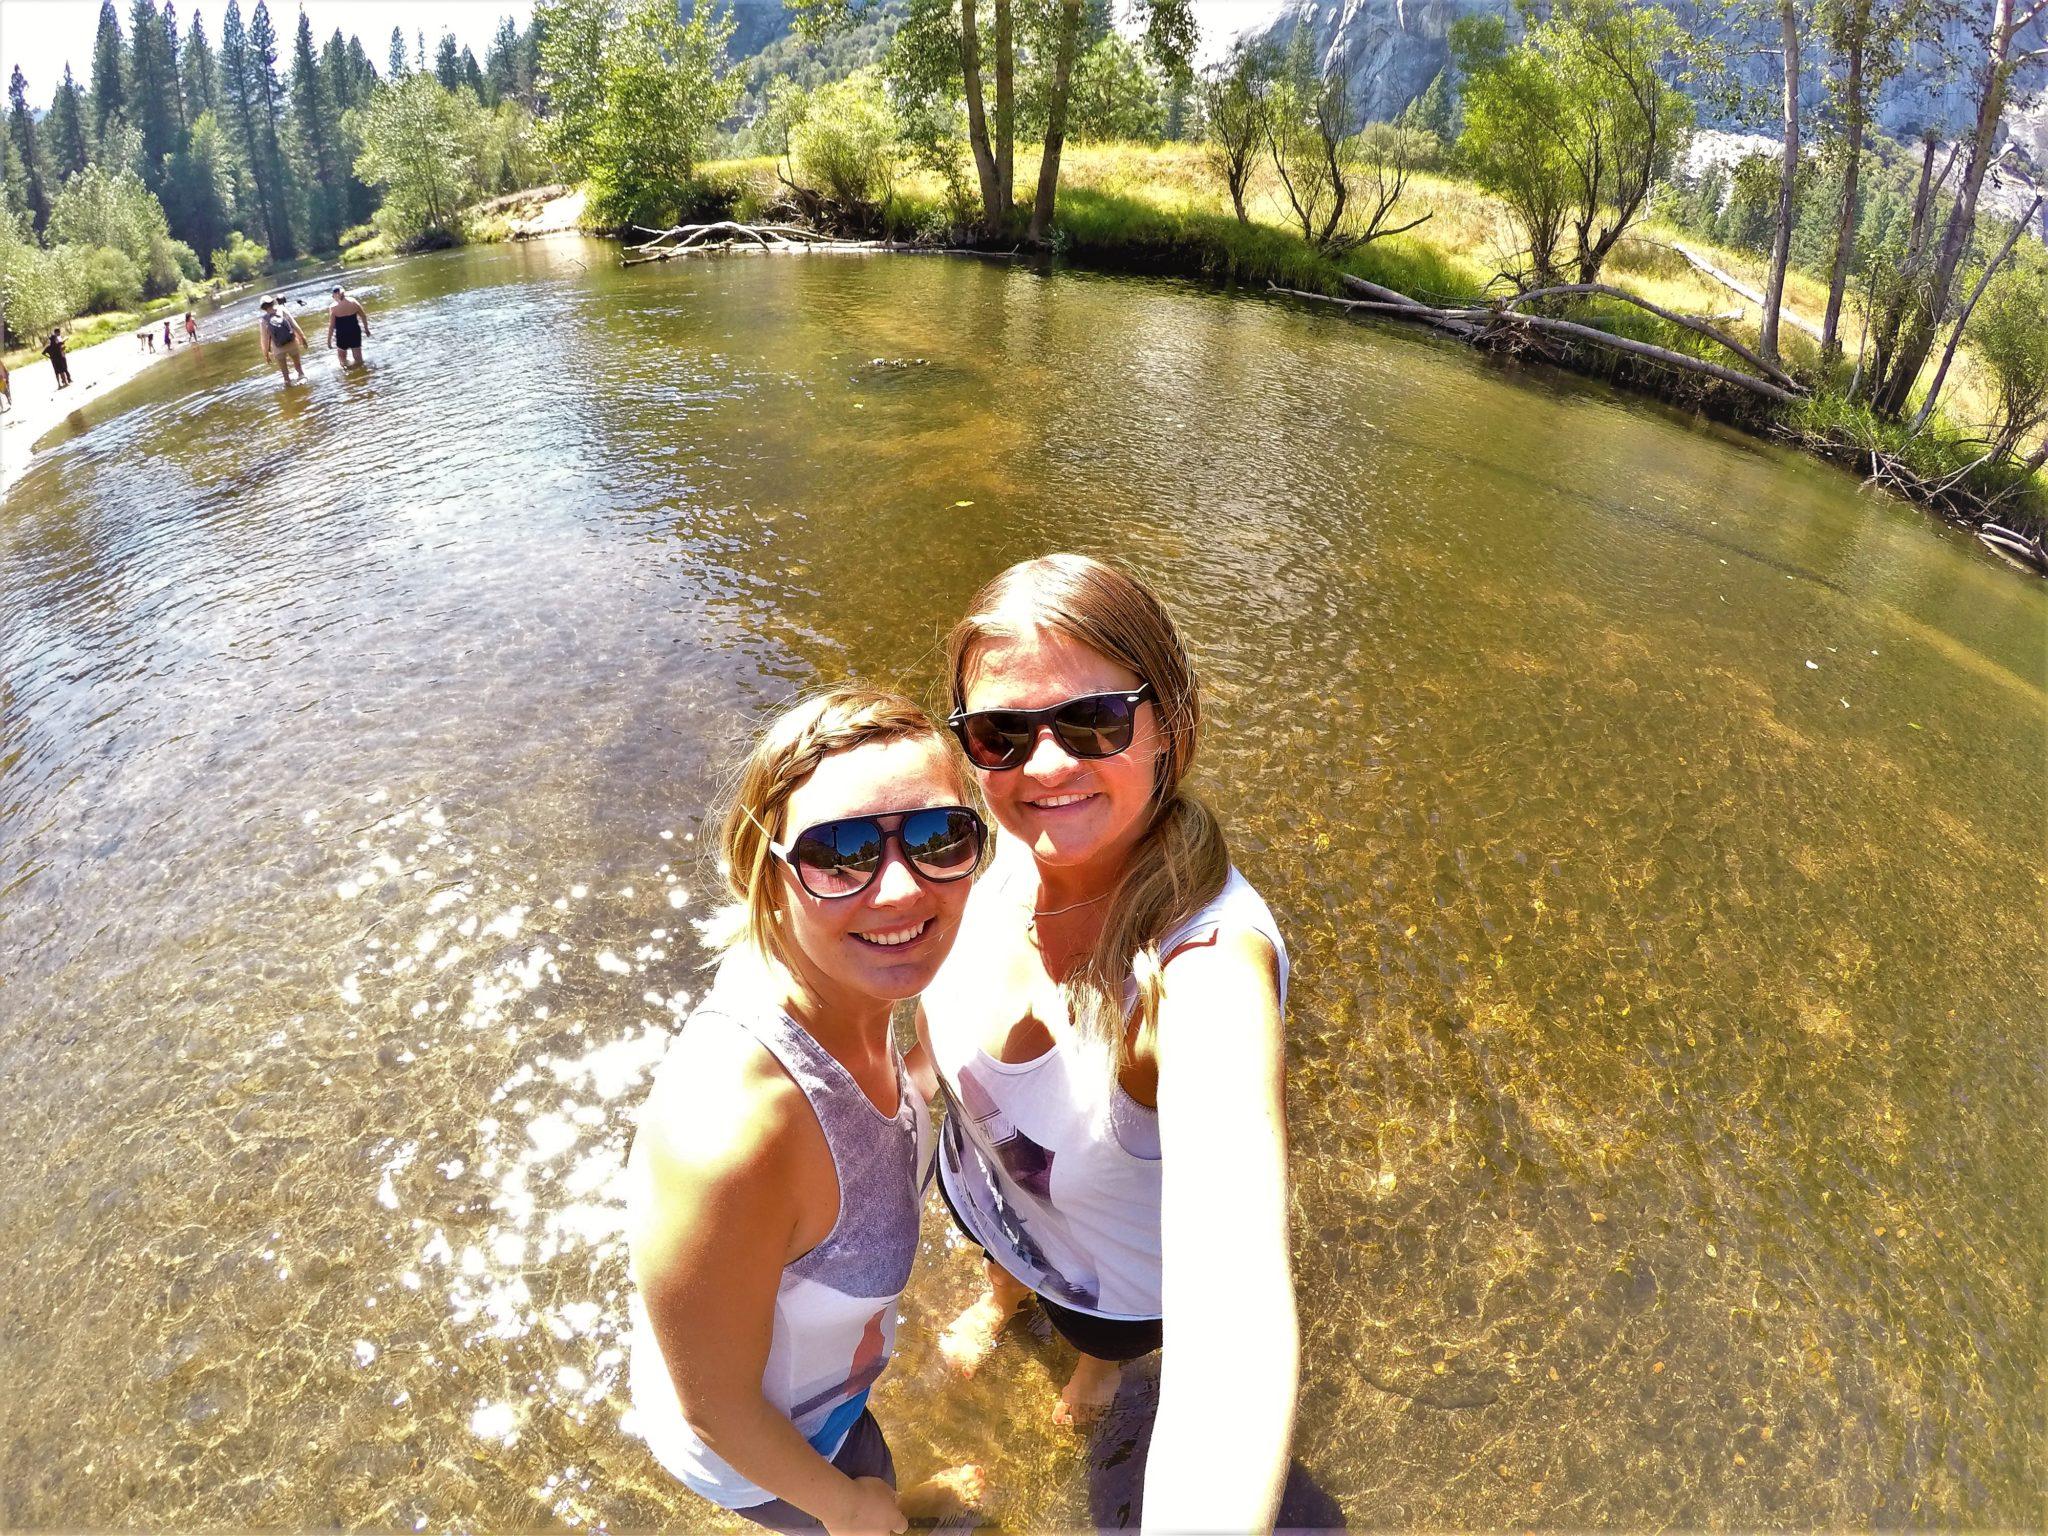 Selfie in lake at Yosemite National Park